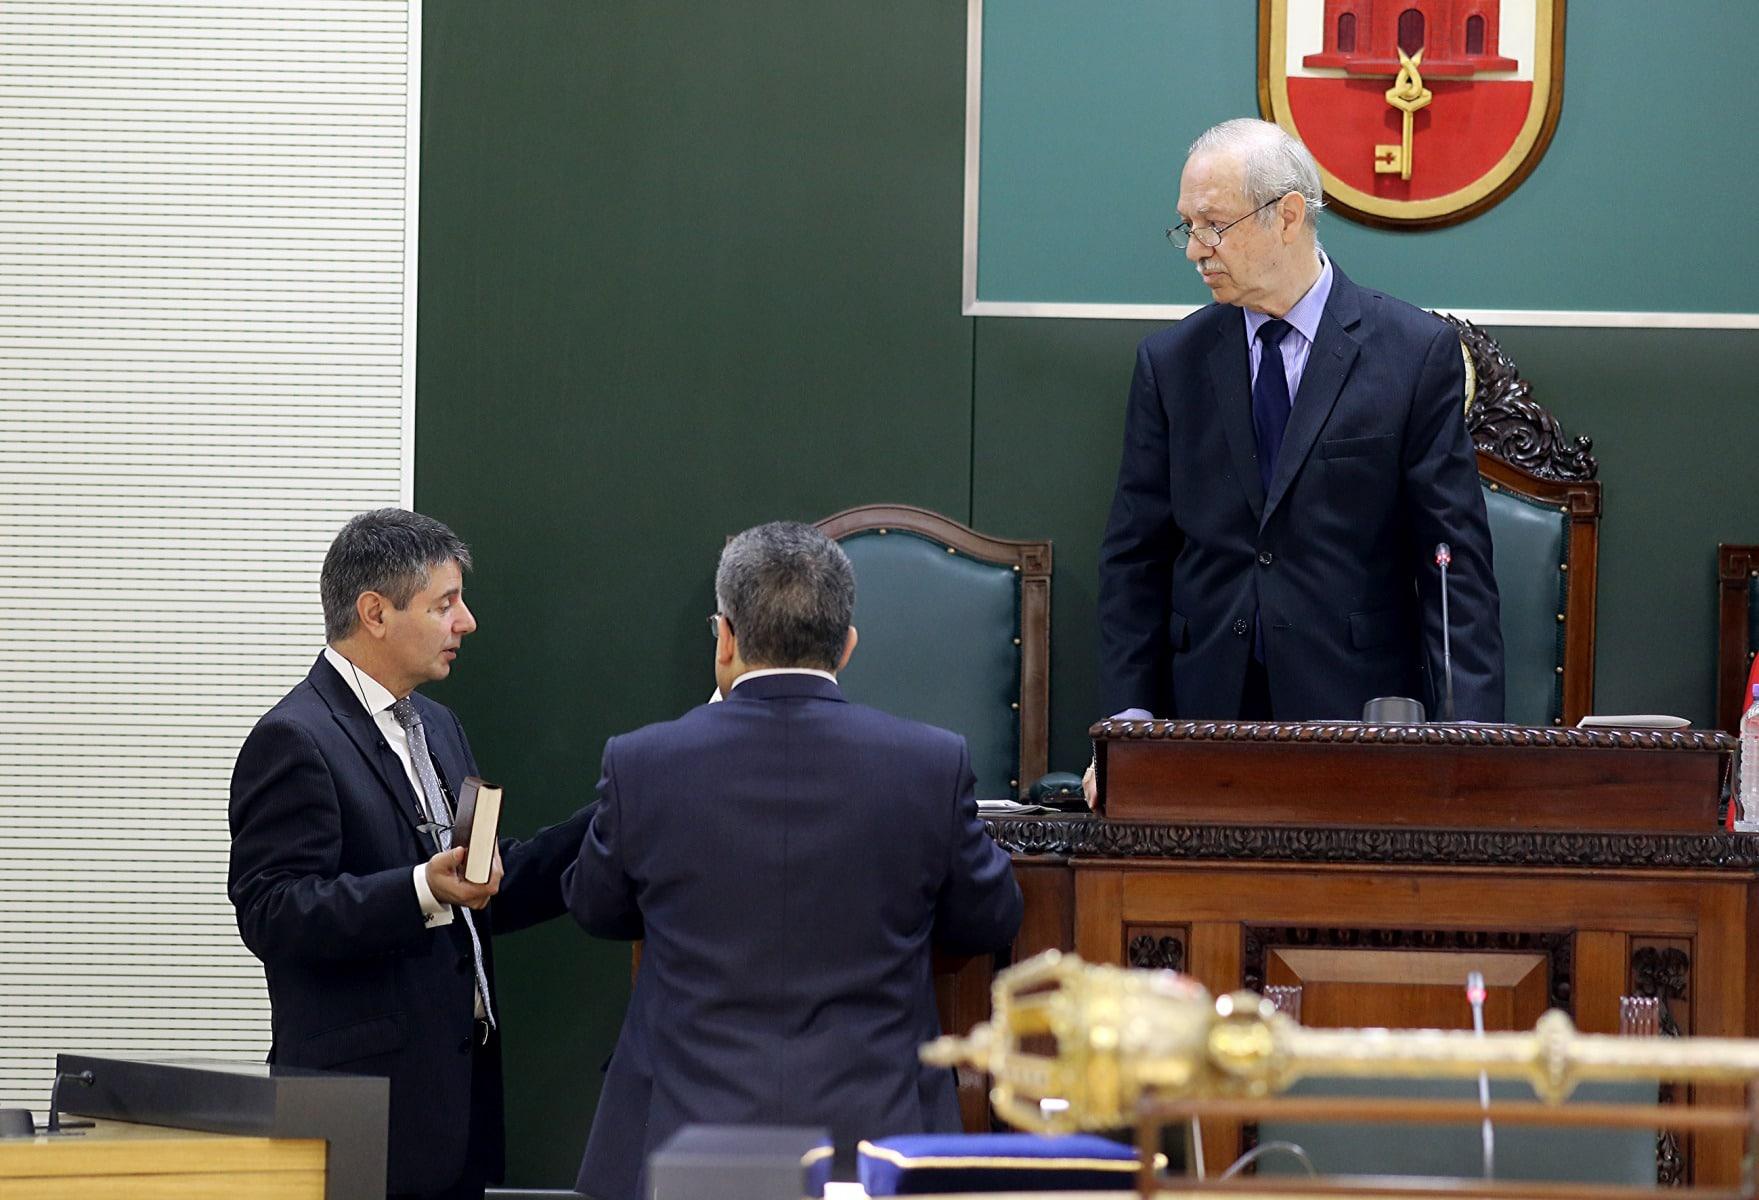 9-de-diciembre-de-2015-ceremonia-inaugural-del-nuevo-parlamento-de-gibraltar_23551716241_o